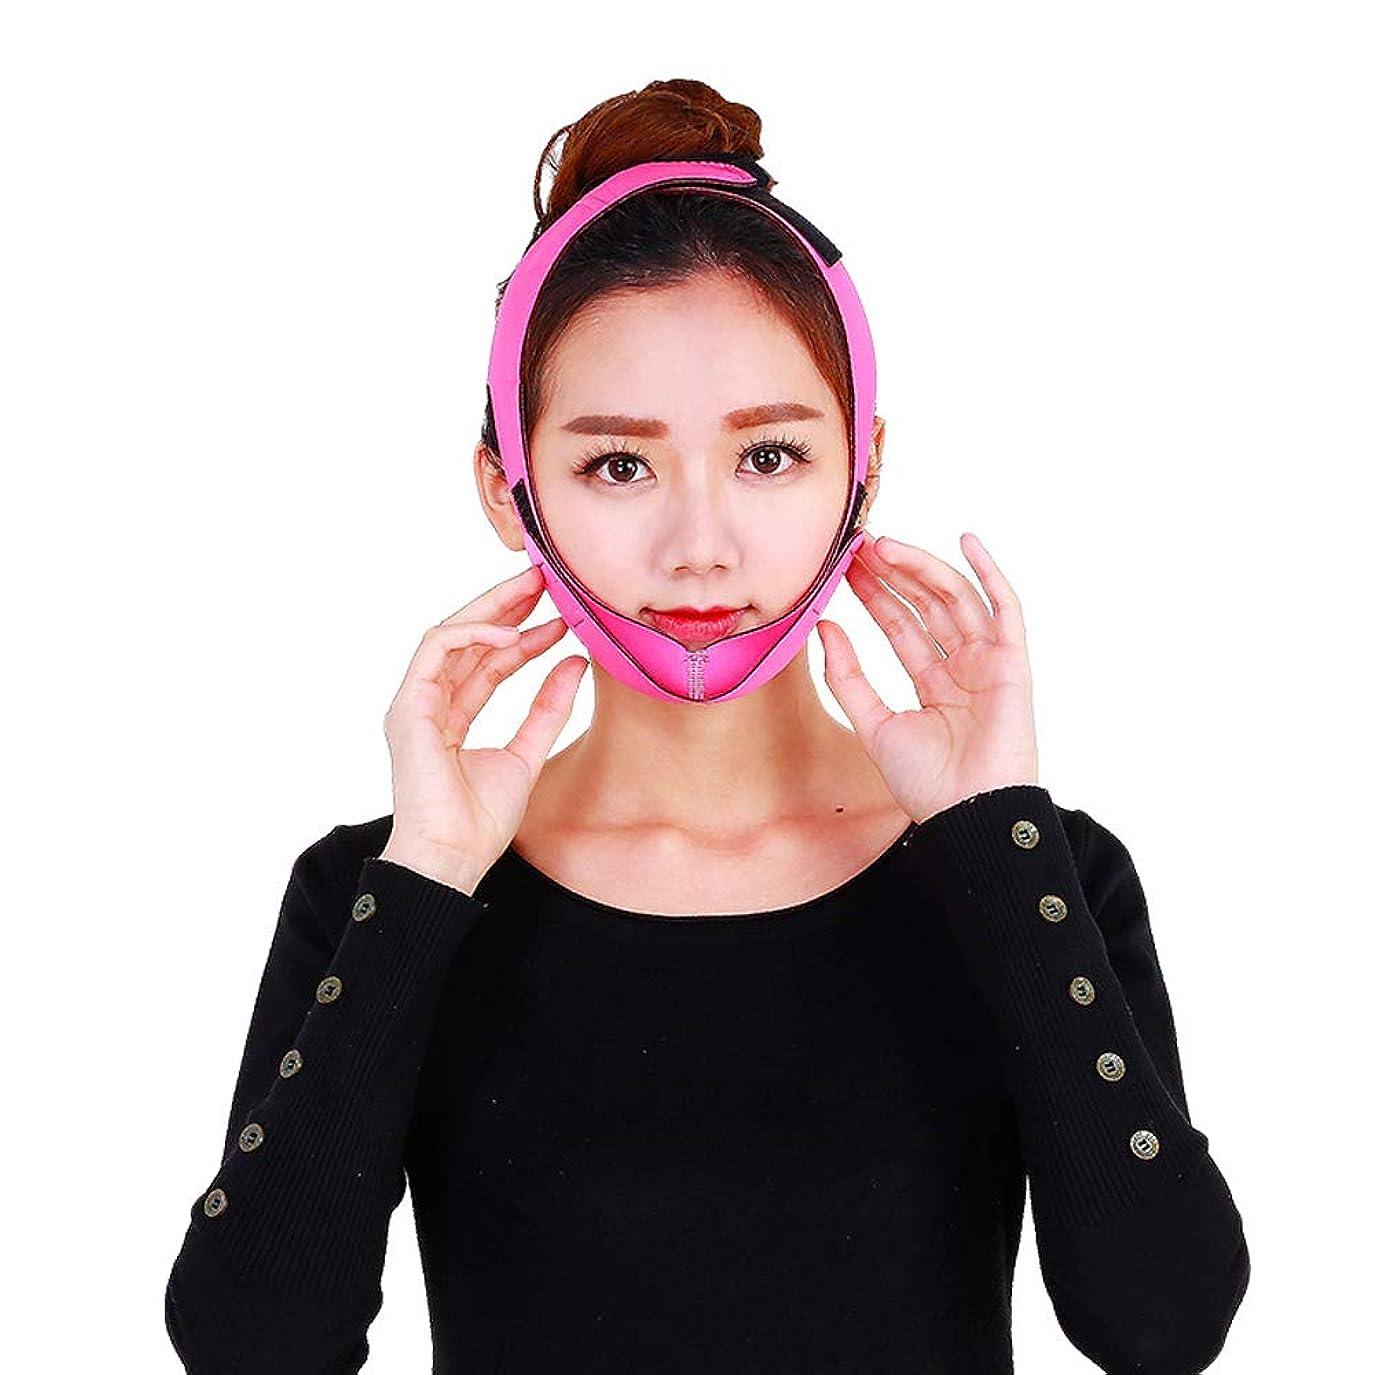 中長方形スプーン二重顎ベルト、美容マスク、しっかり持ち上げ、顔を持ち上げる包帯、V字形の人工物